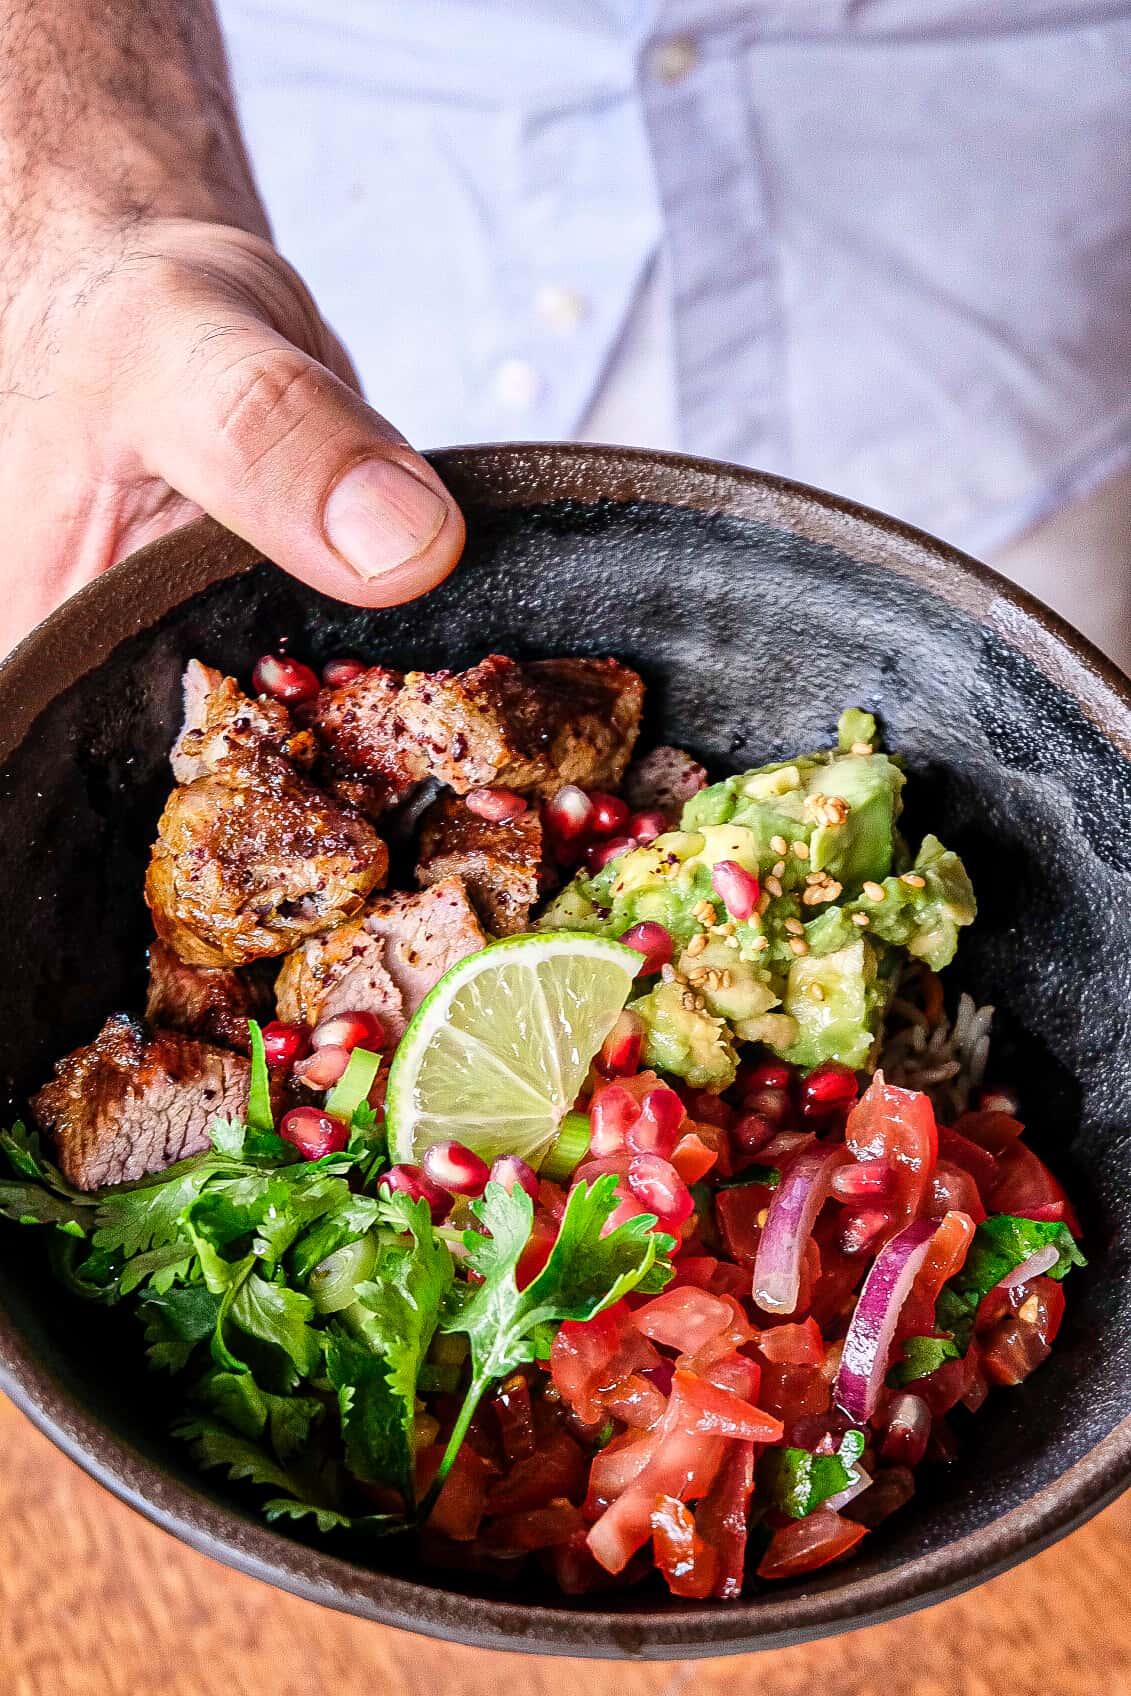 cavalier-restaurant-afghan-rue-faubourg-temple-paris11e-paris